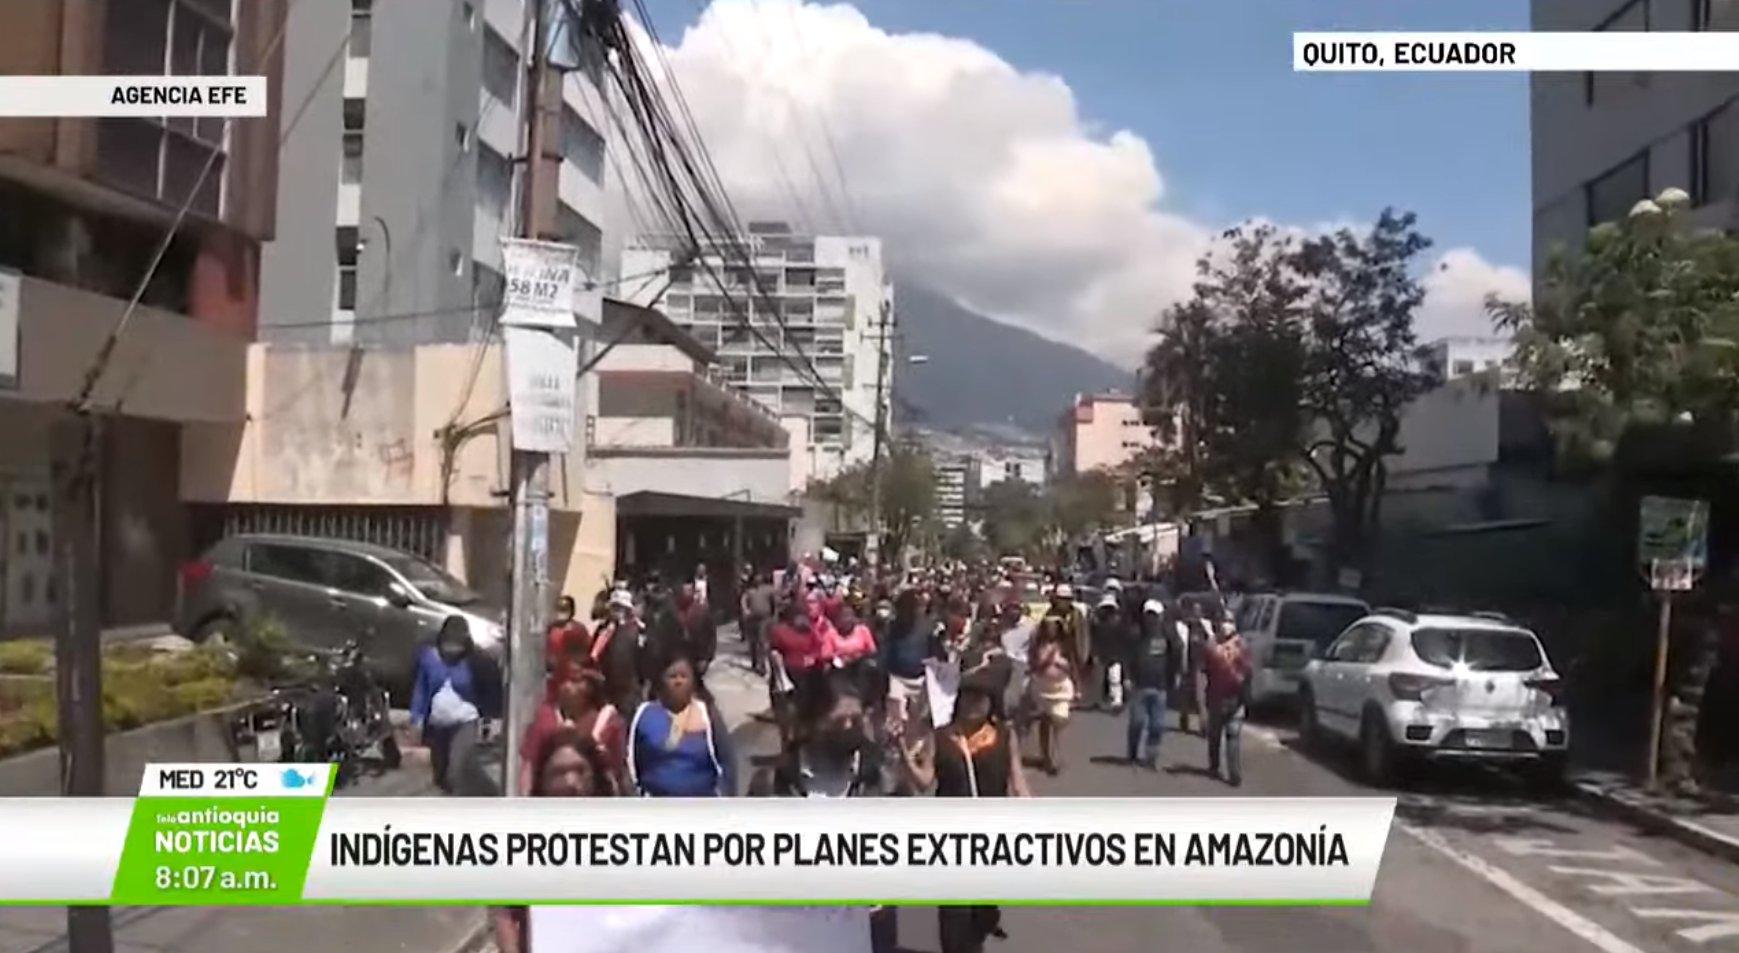 Indígenas protestan por planes extractivos en Amazonía